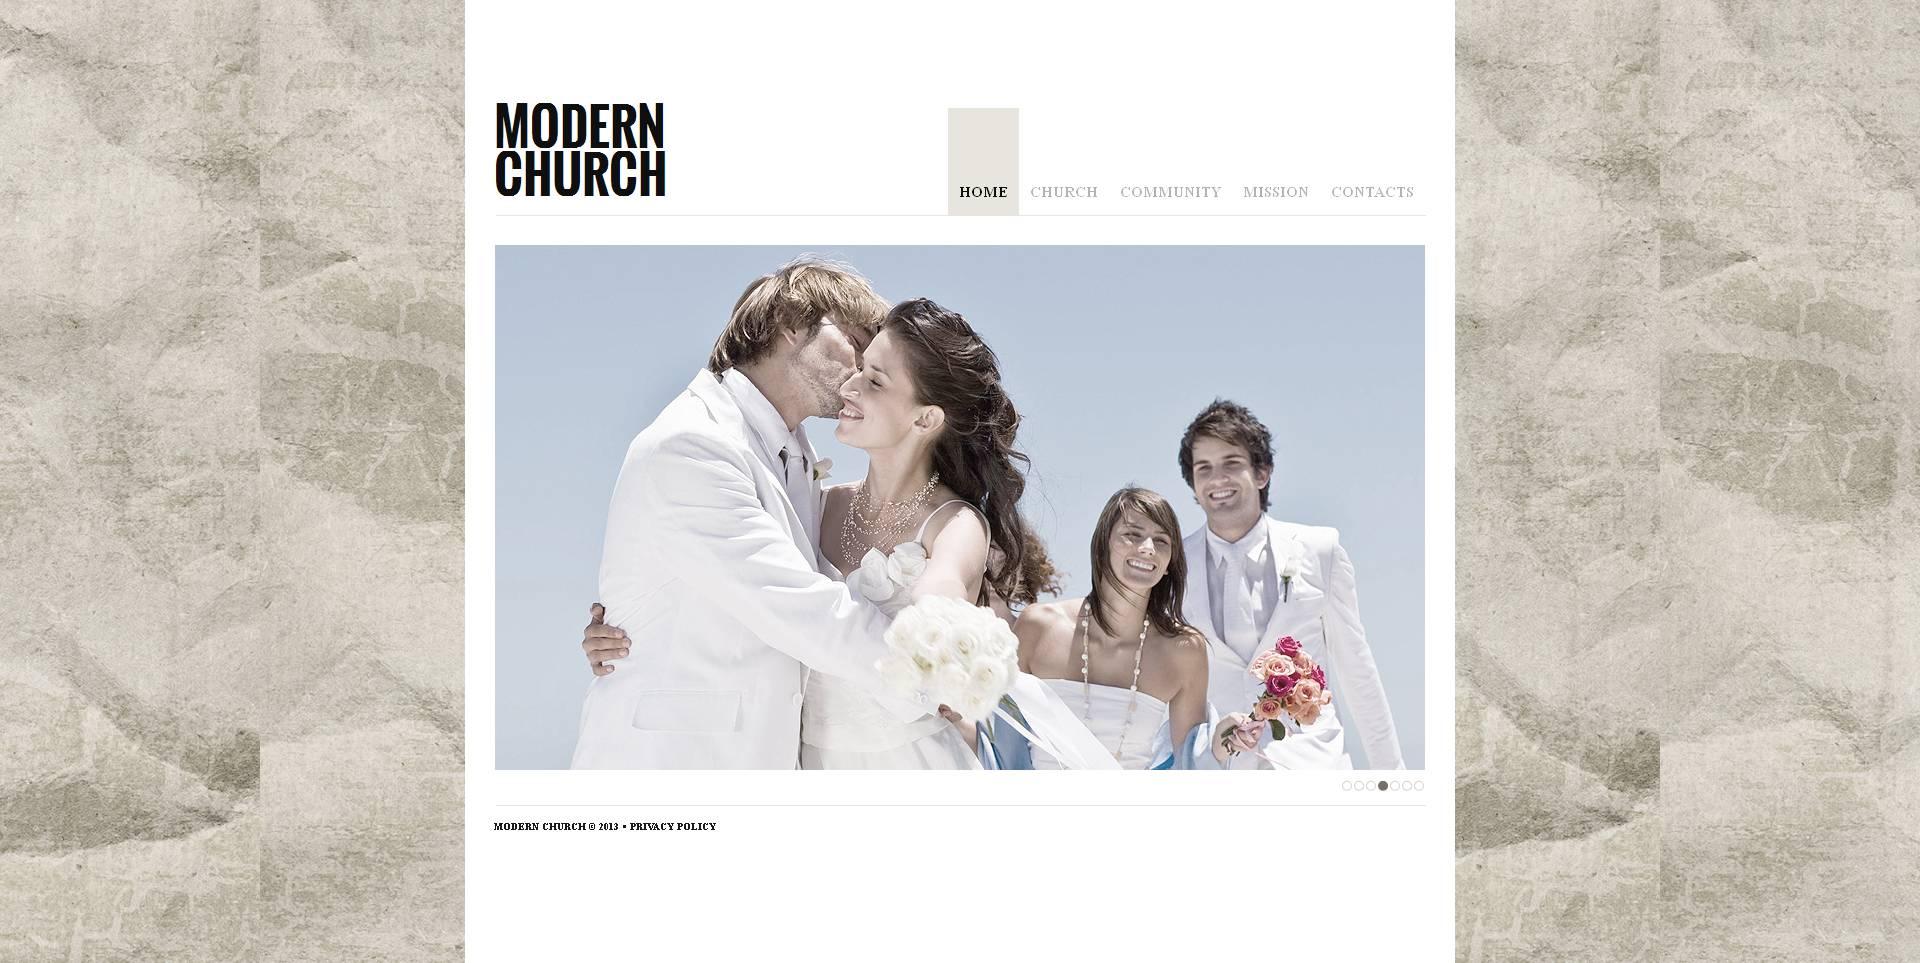 Szablon Moto CMS HTML #47199 na temat: chrześcijaństwo